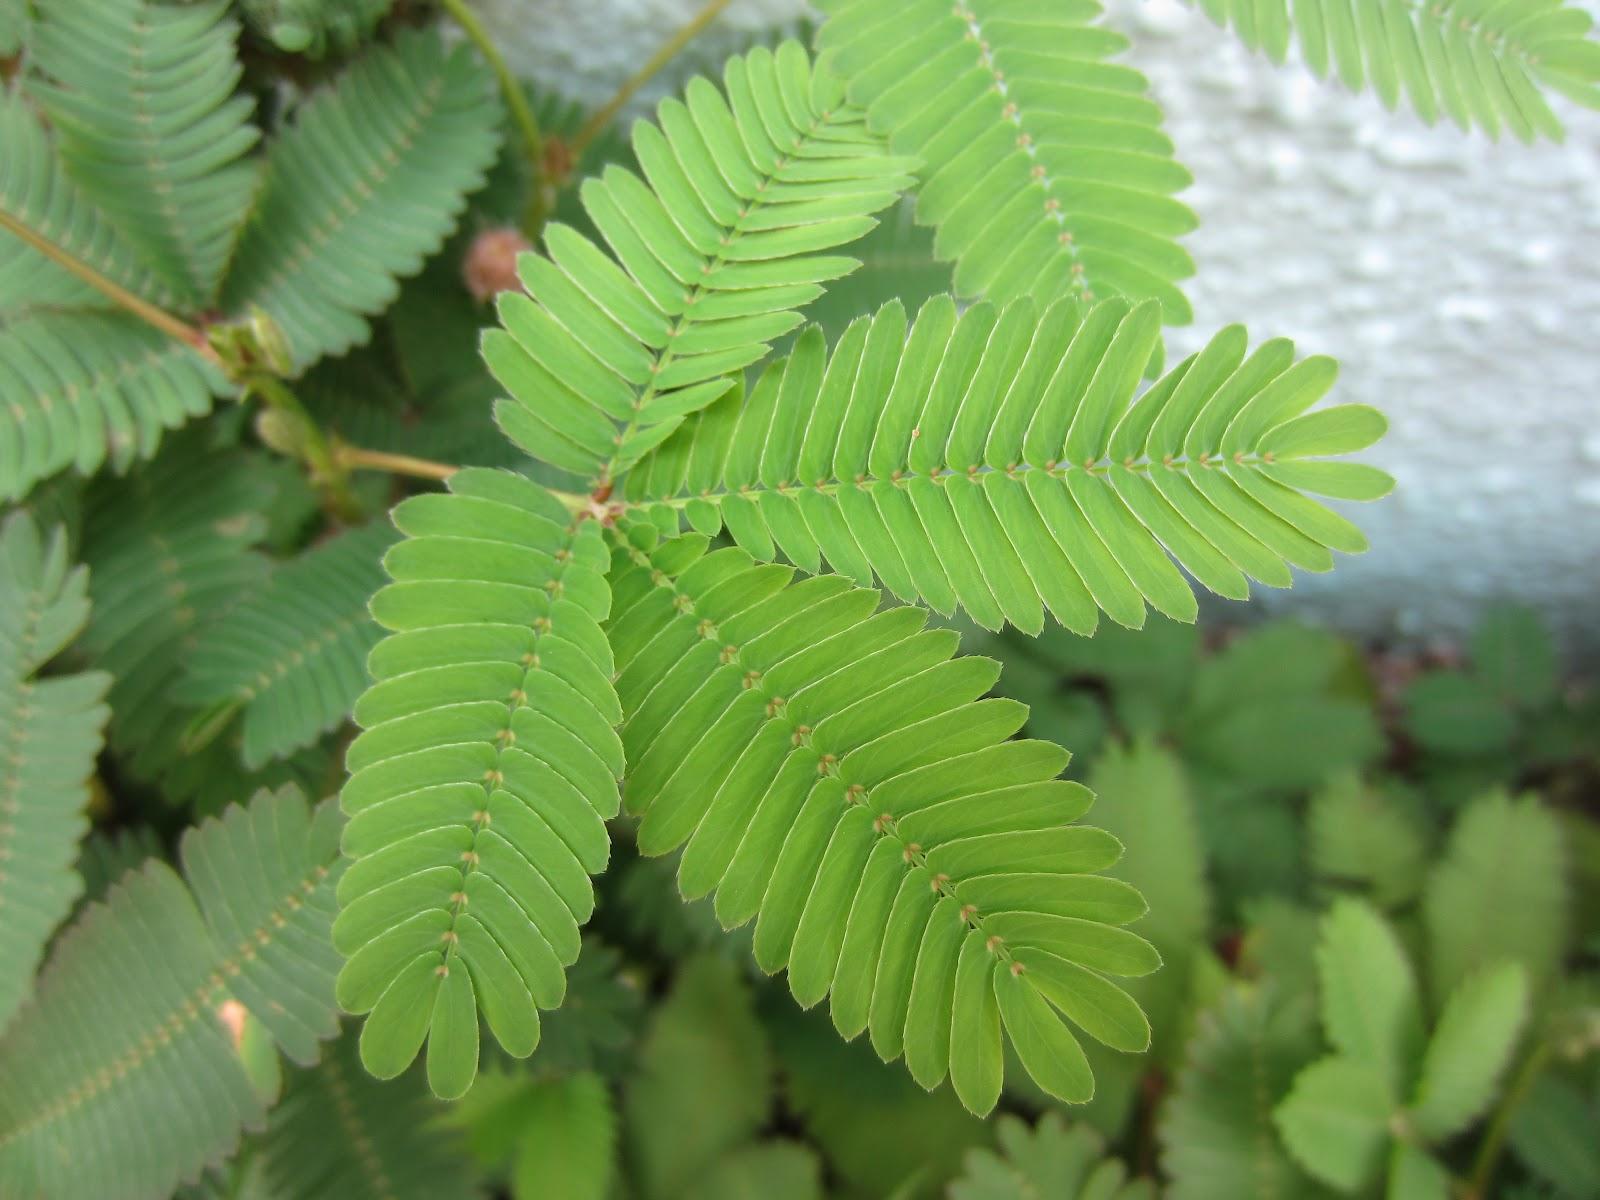 http://2.bp.blogspot.com/-w9whj1uycys/UCEMAvABc0I/AAAAAAAADp0/qOUWHHn4LBs/s1600/mimo+2++leaf.JPG